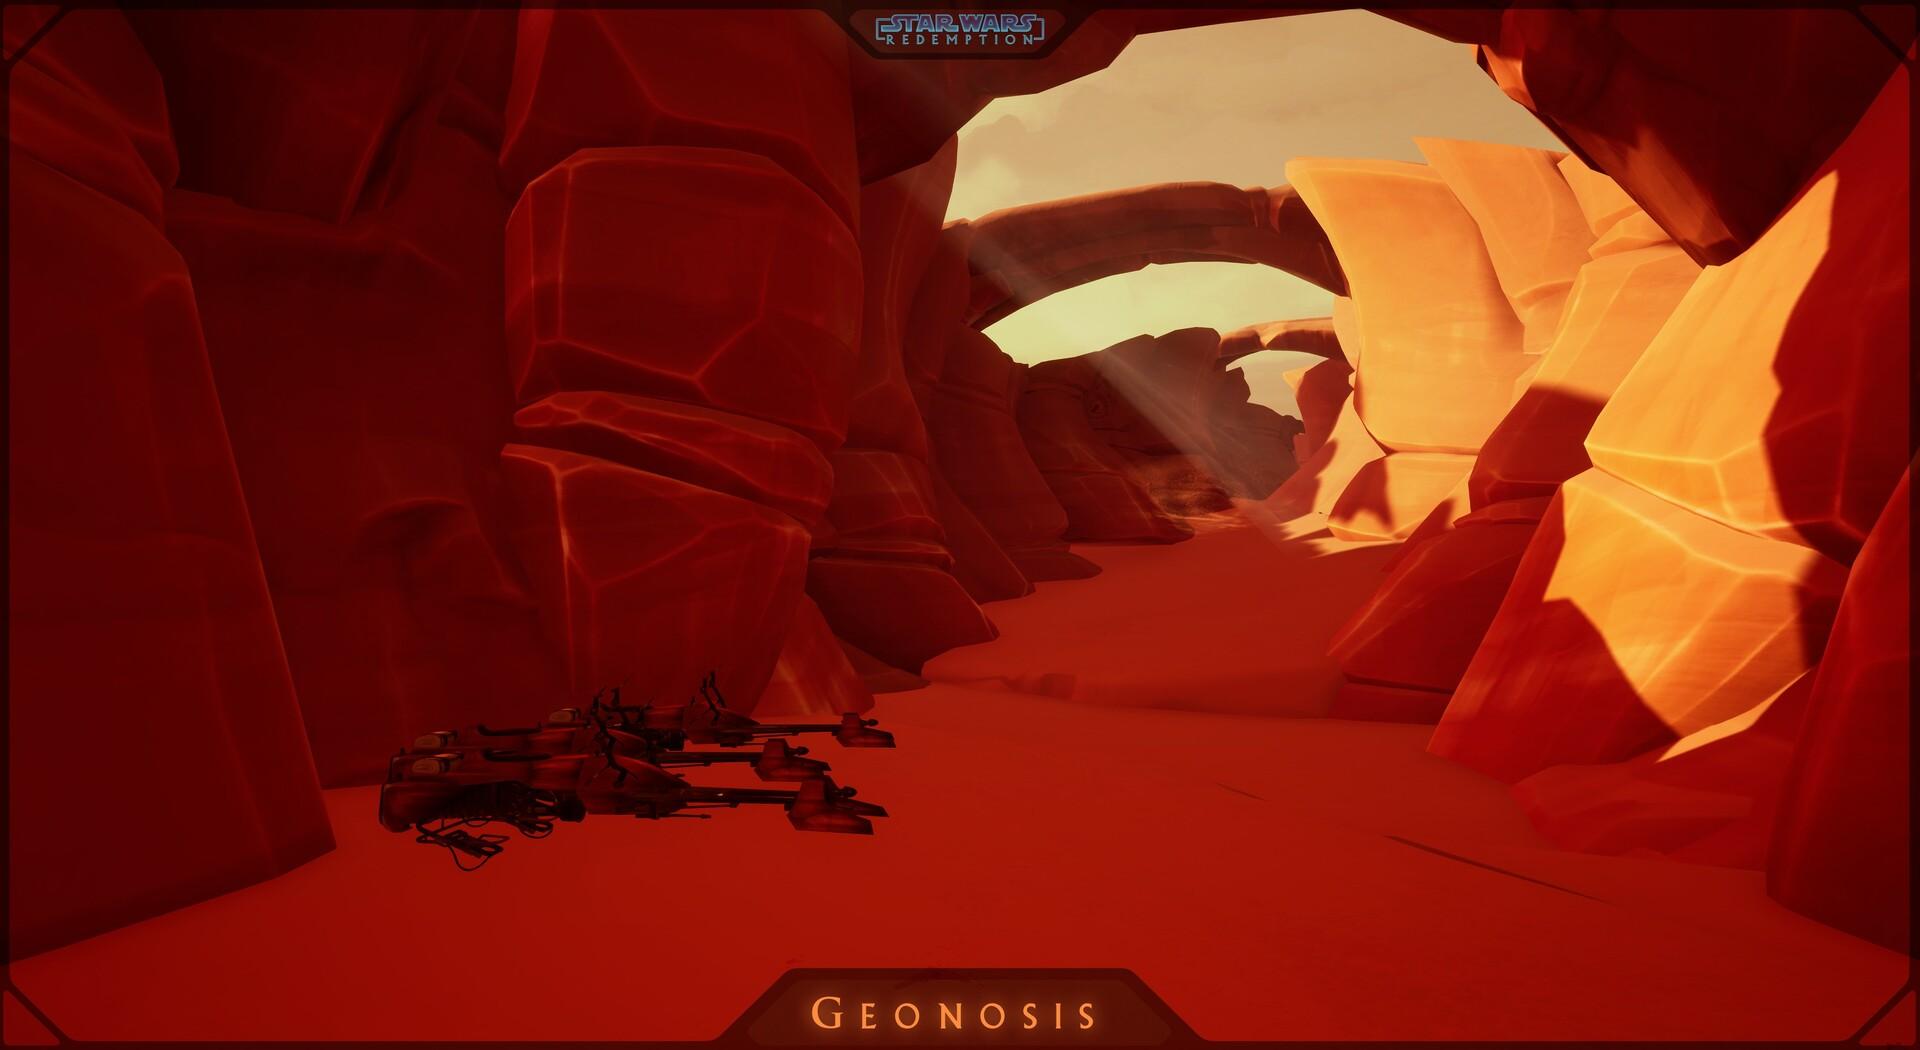 etienne-beschet-swr-screenshot-geonosis-